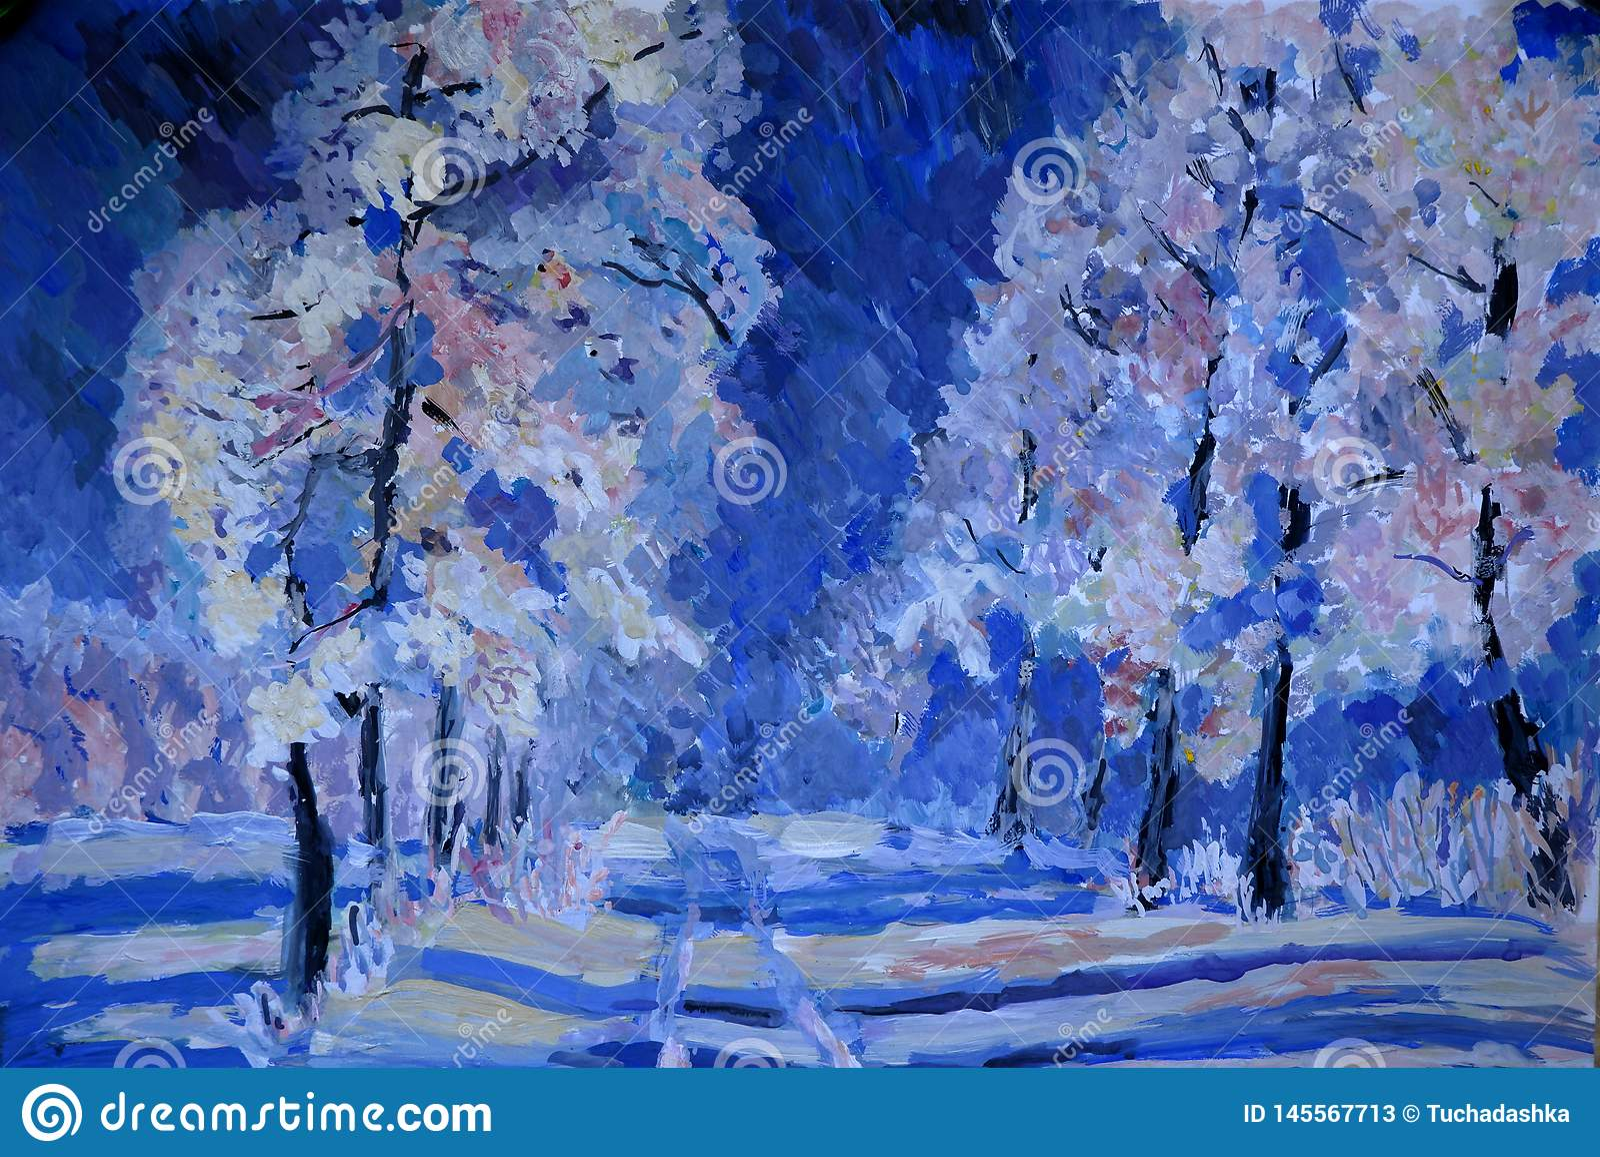 Cena do inverno com neve e as árvores azuis, pintura do guache